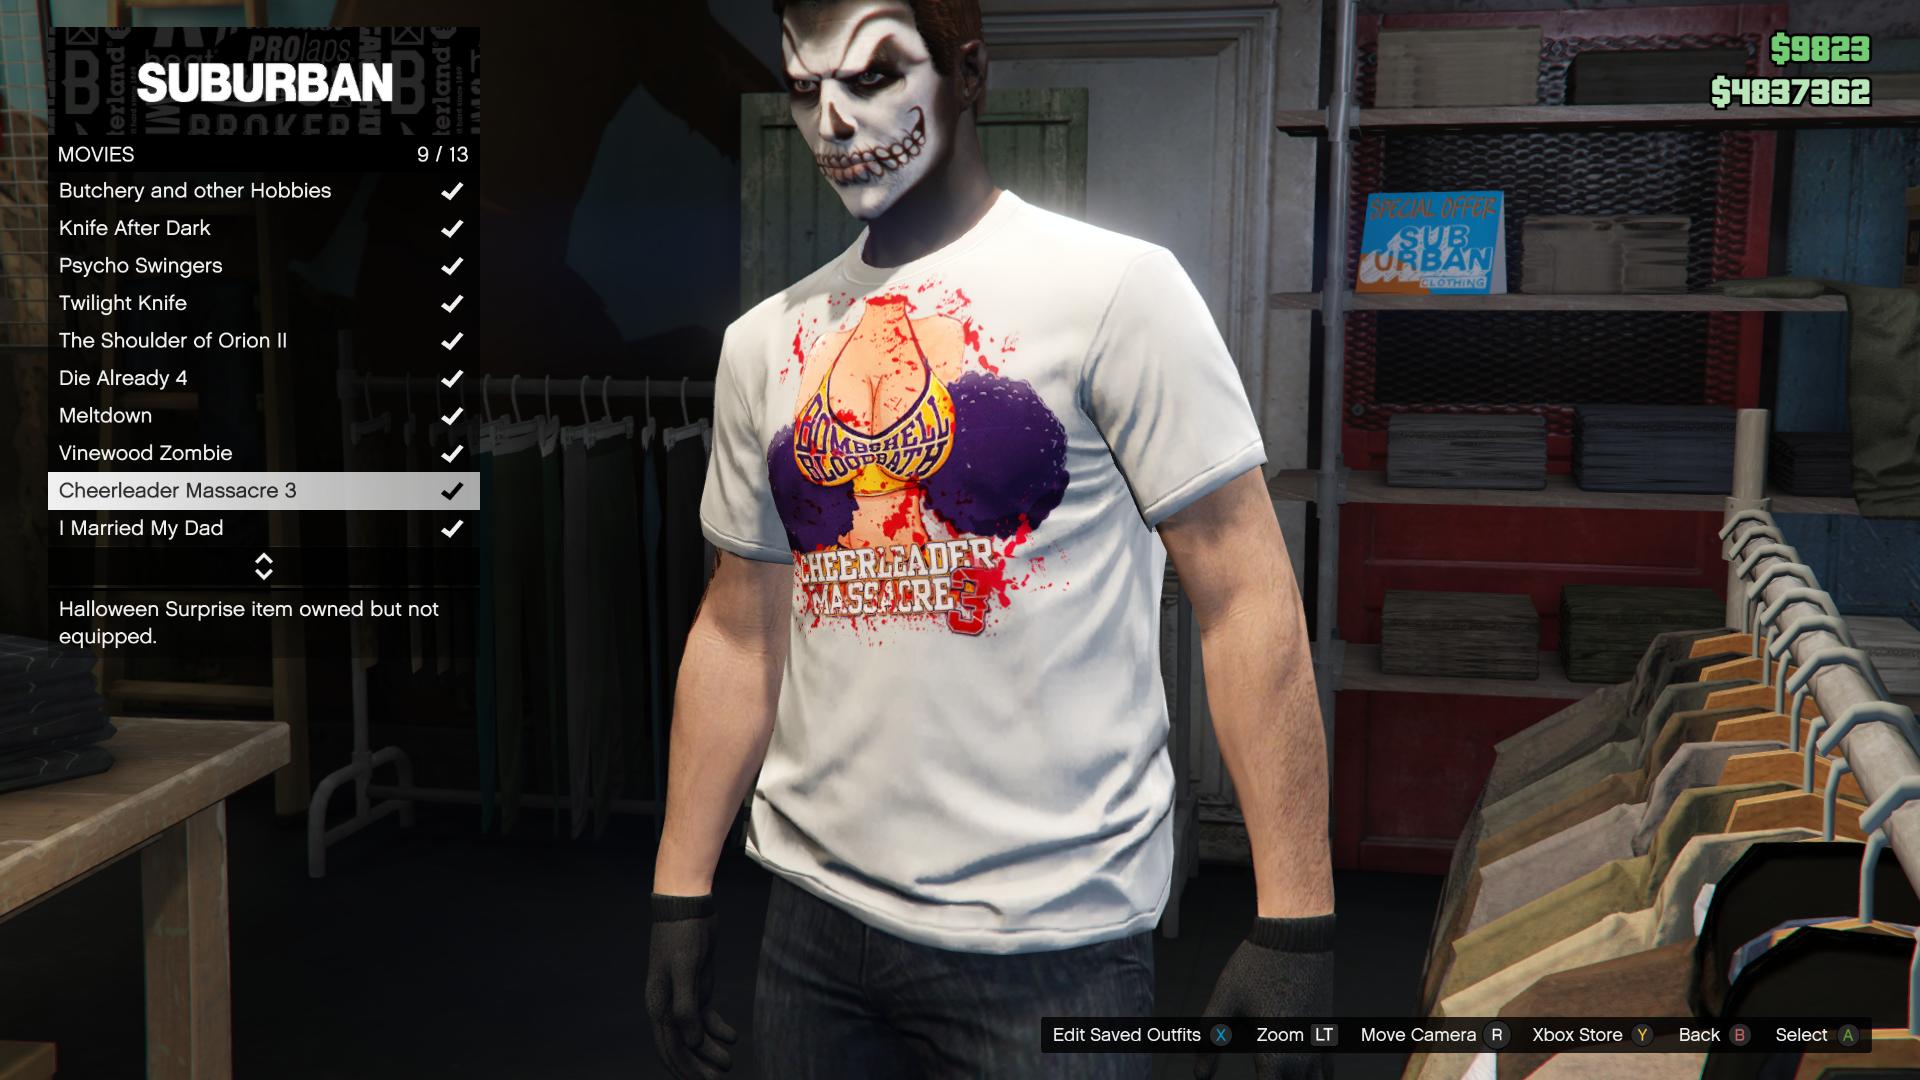 Cheerleader Massacre 3 T-Shirt